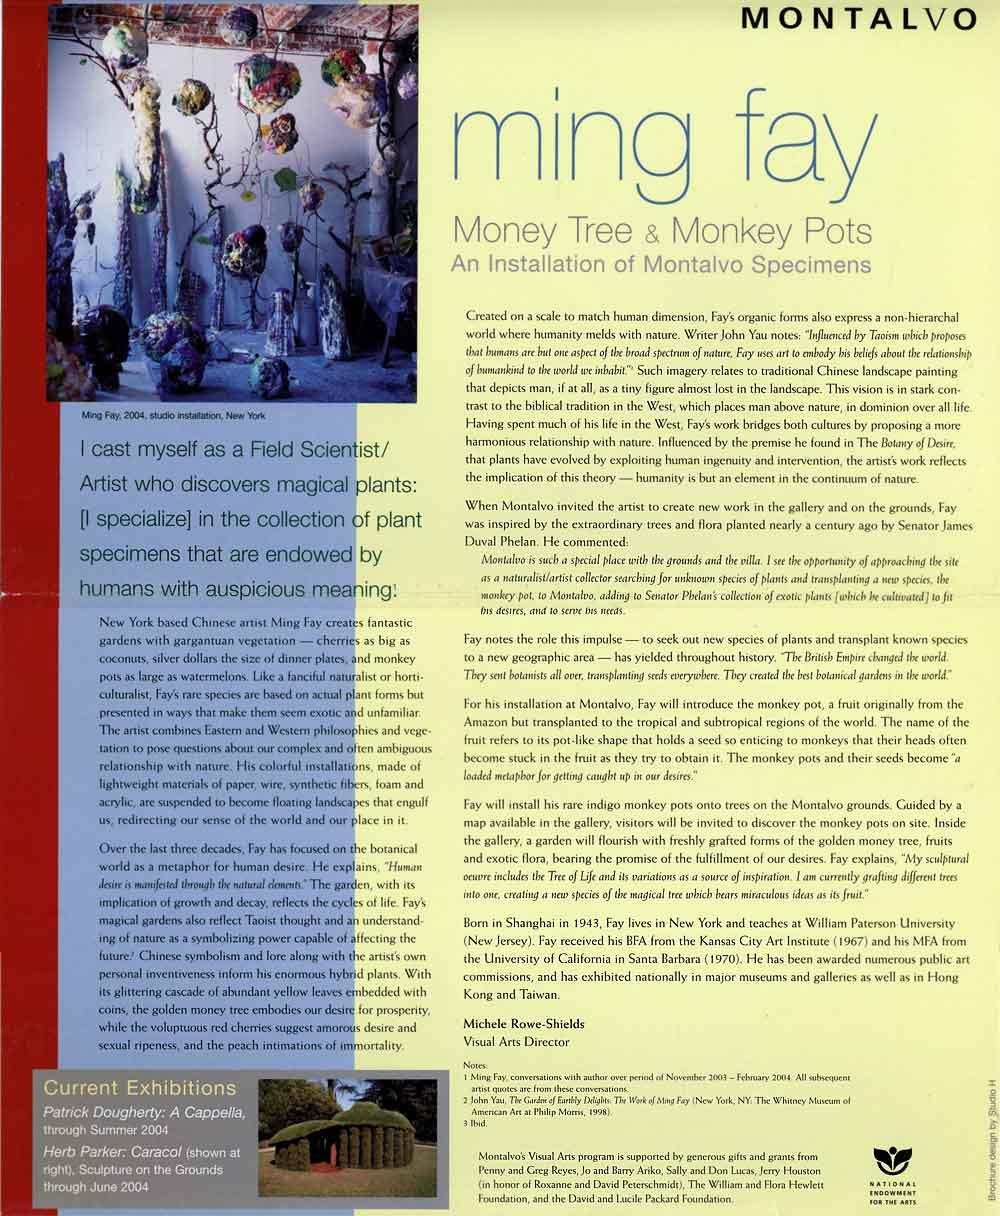 Money Tree & Monkey Pots, flyer, pg 2